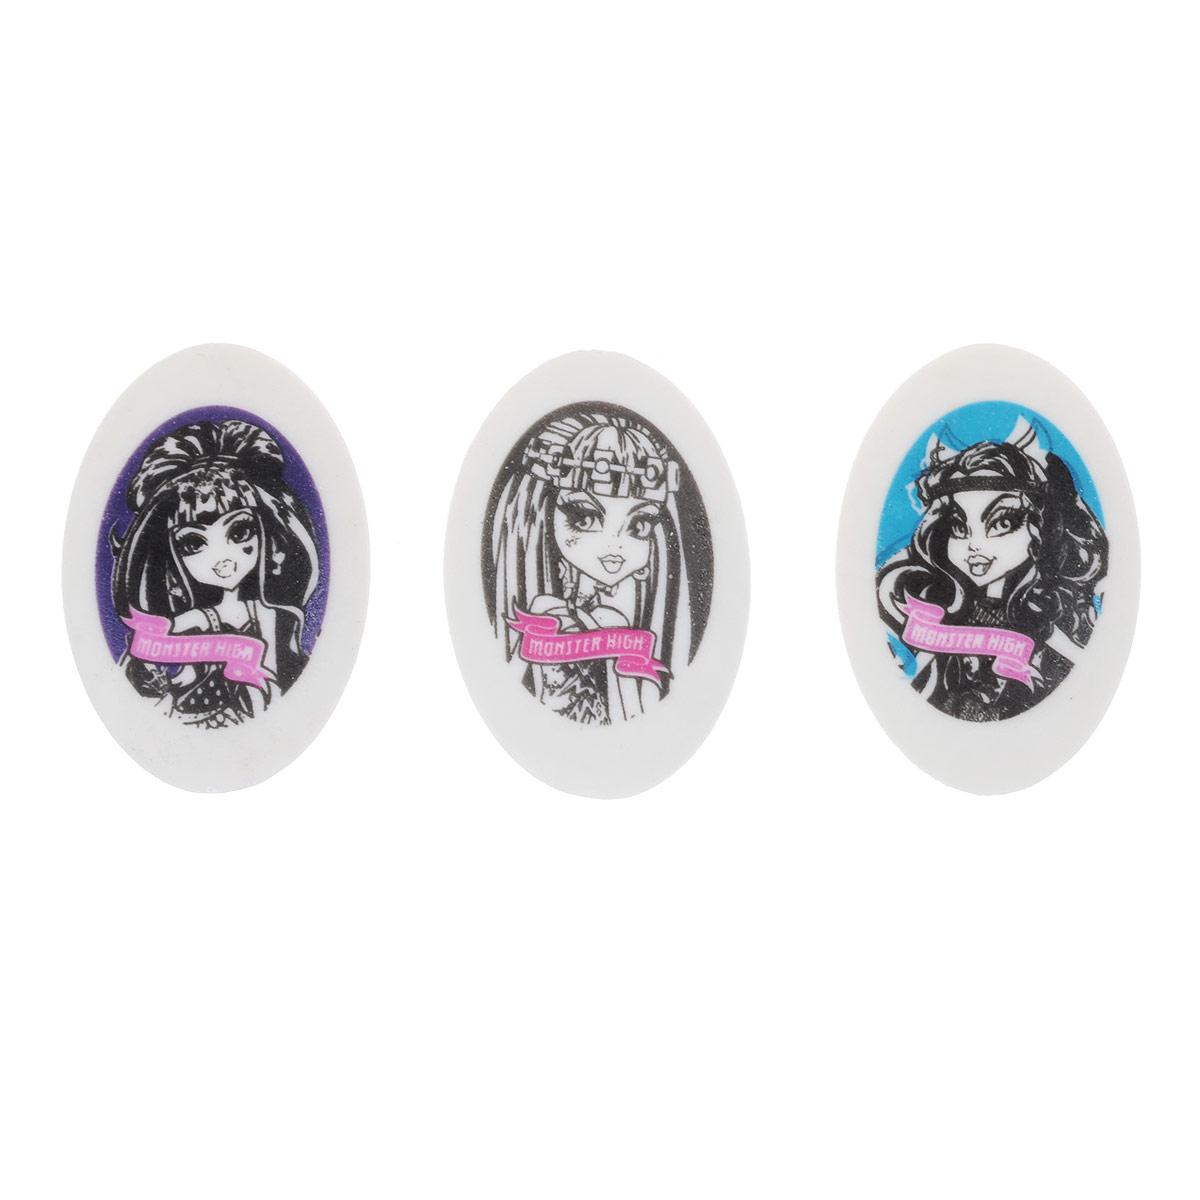 Ластики из набора Monster High предназначены для стирания карандашей с бумаги различной плотности.  Овальные ластики выполнены из синтетического каучука белого цвета. Каждый ластик оформлен изображением одного из персонажей популярного мультсериала Monster High (Школа Монстров).В наборе 24 ластика, упакованных в отдельные пакеты.